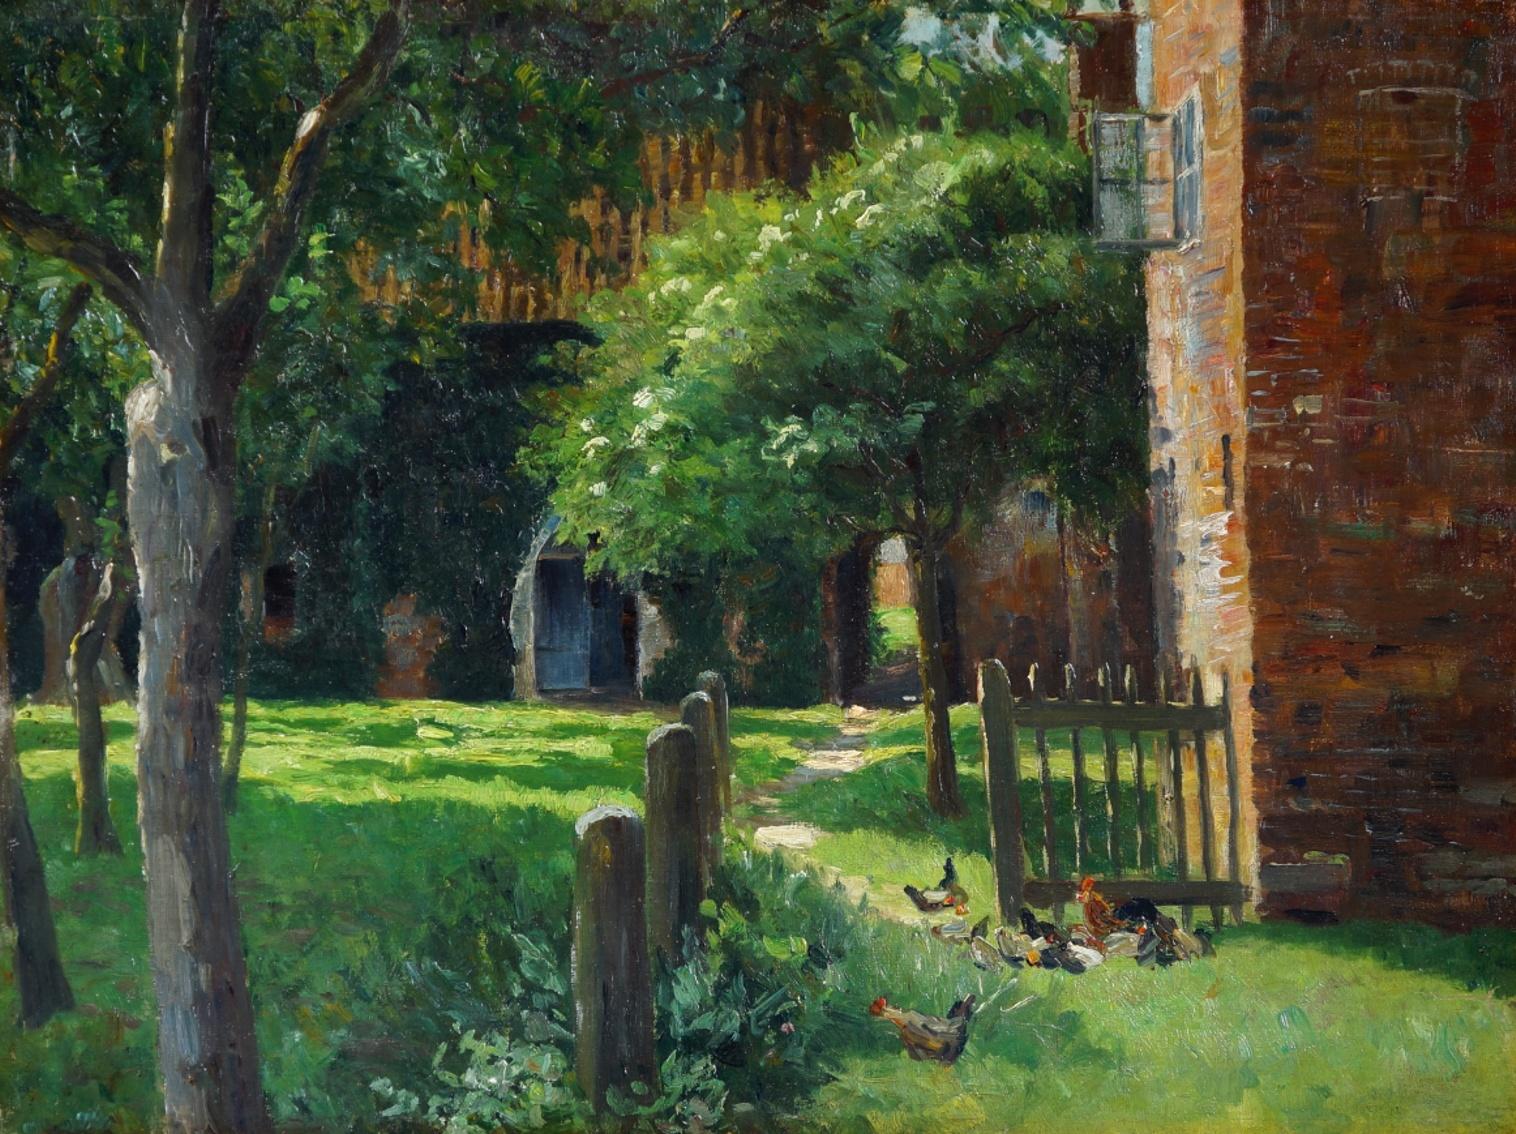 Maler um 1900 » Öl-Gemälde Impressionismus Bauernhof norddeutsche Malerei